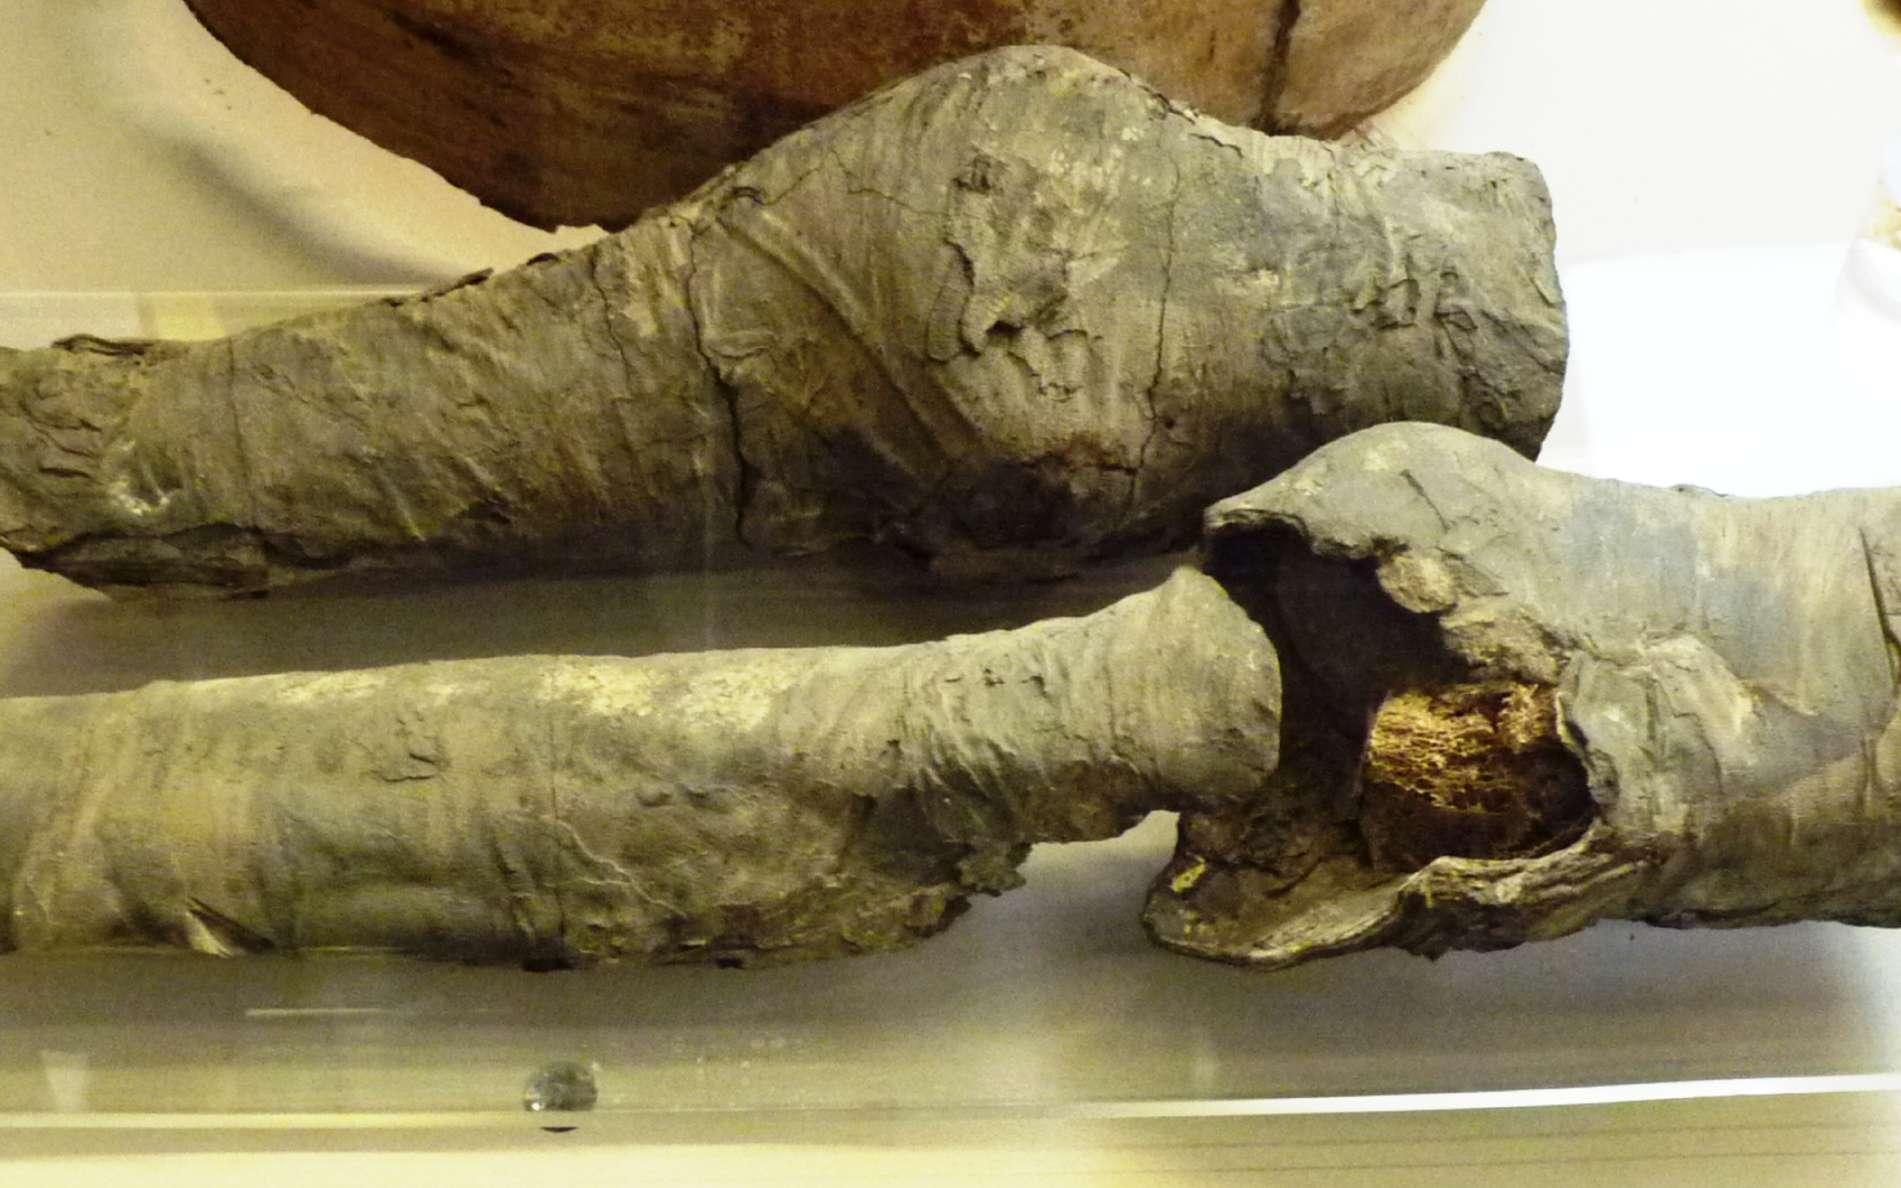 Ces fragments d'une paire de jambes momifiées sont exposés au musée des antiquités égyptiennes de Turin. On pense maintenant qu'il s'agit bien de reste de la momie de la favorite de Ramsès. © Joann Fletcher